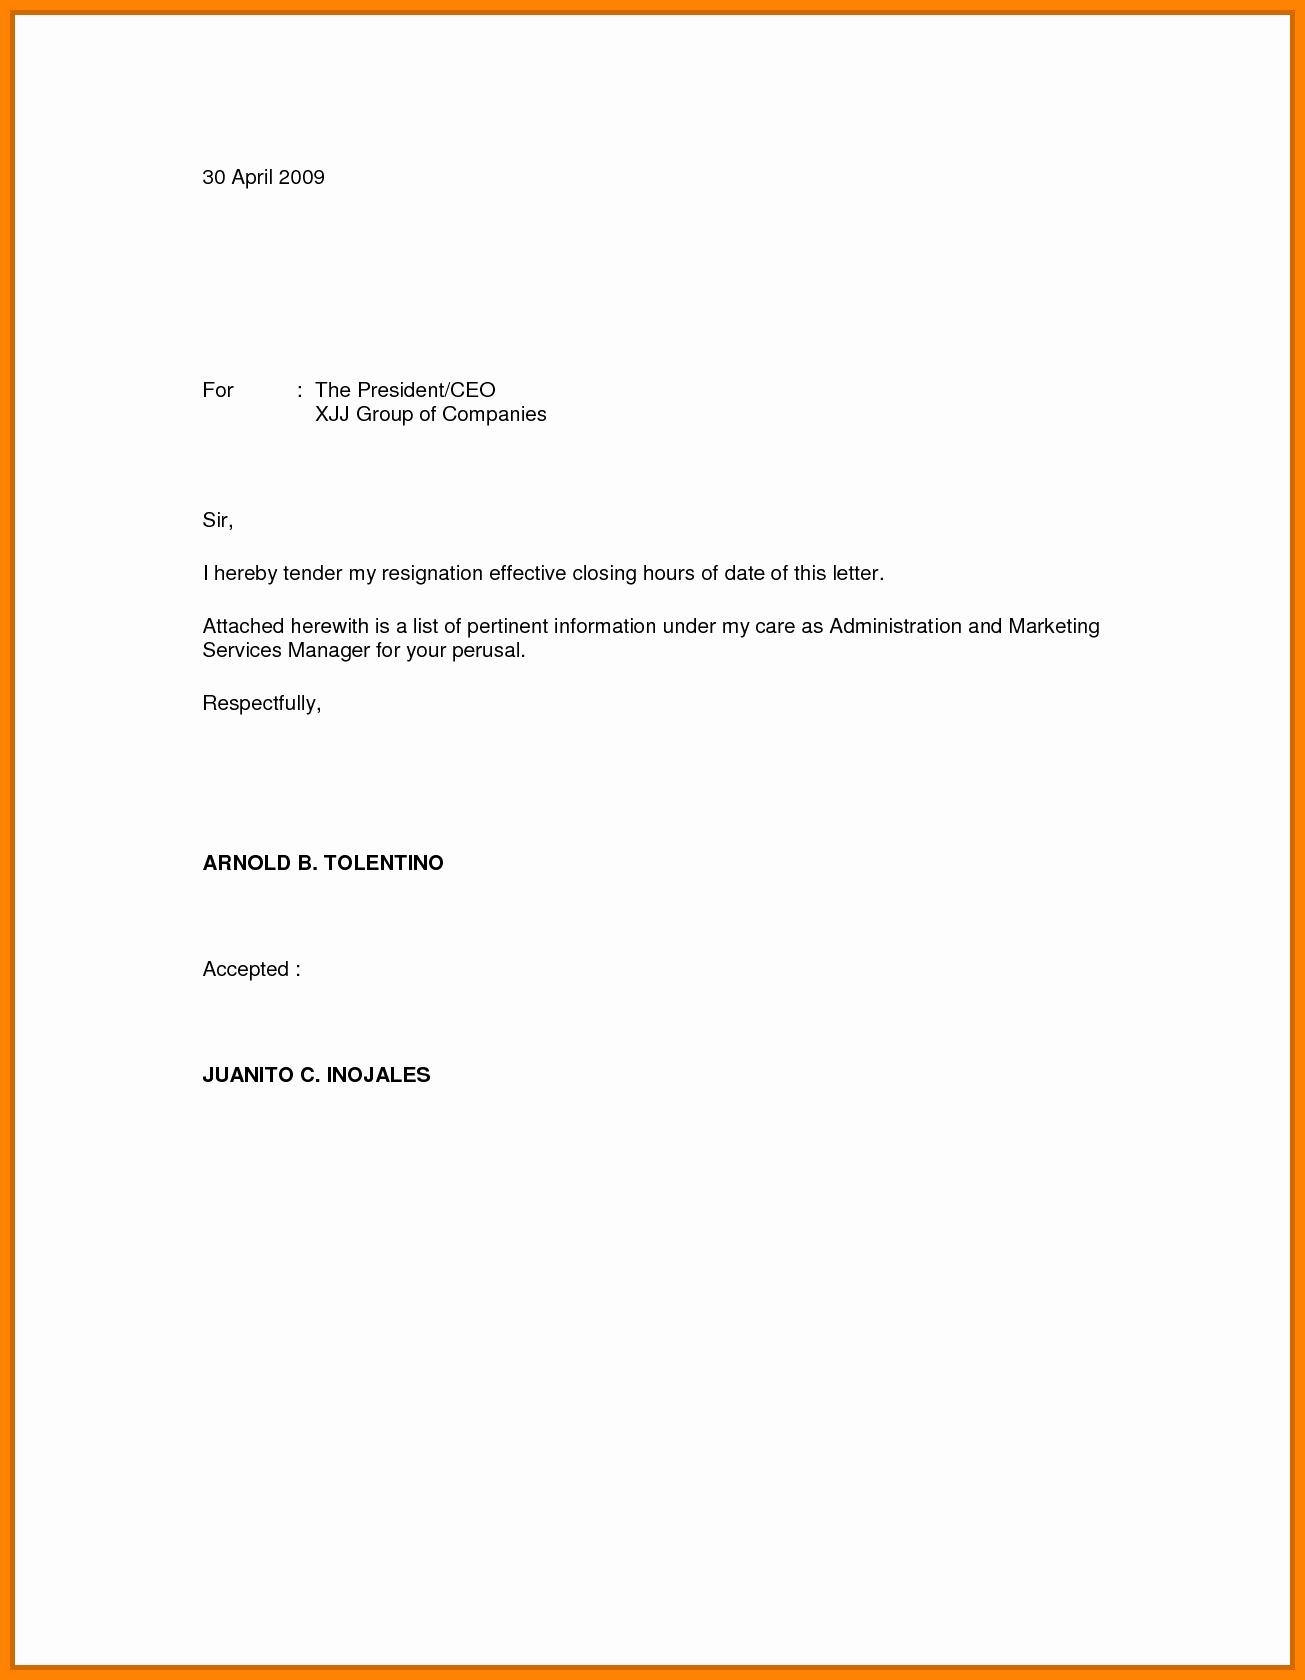 Resignation Letter Effective Immediately Inspirational 7 Effective Immediately Resignation Letter Sample